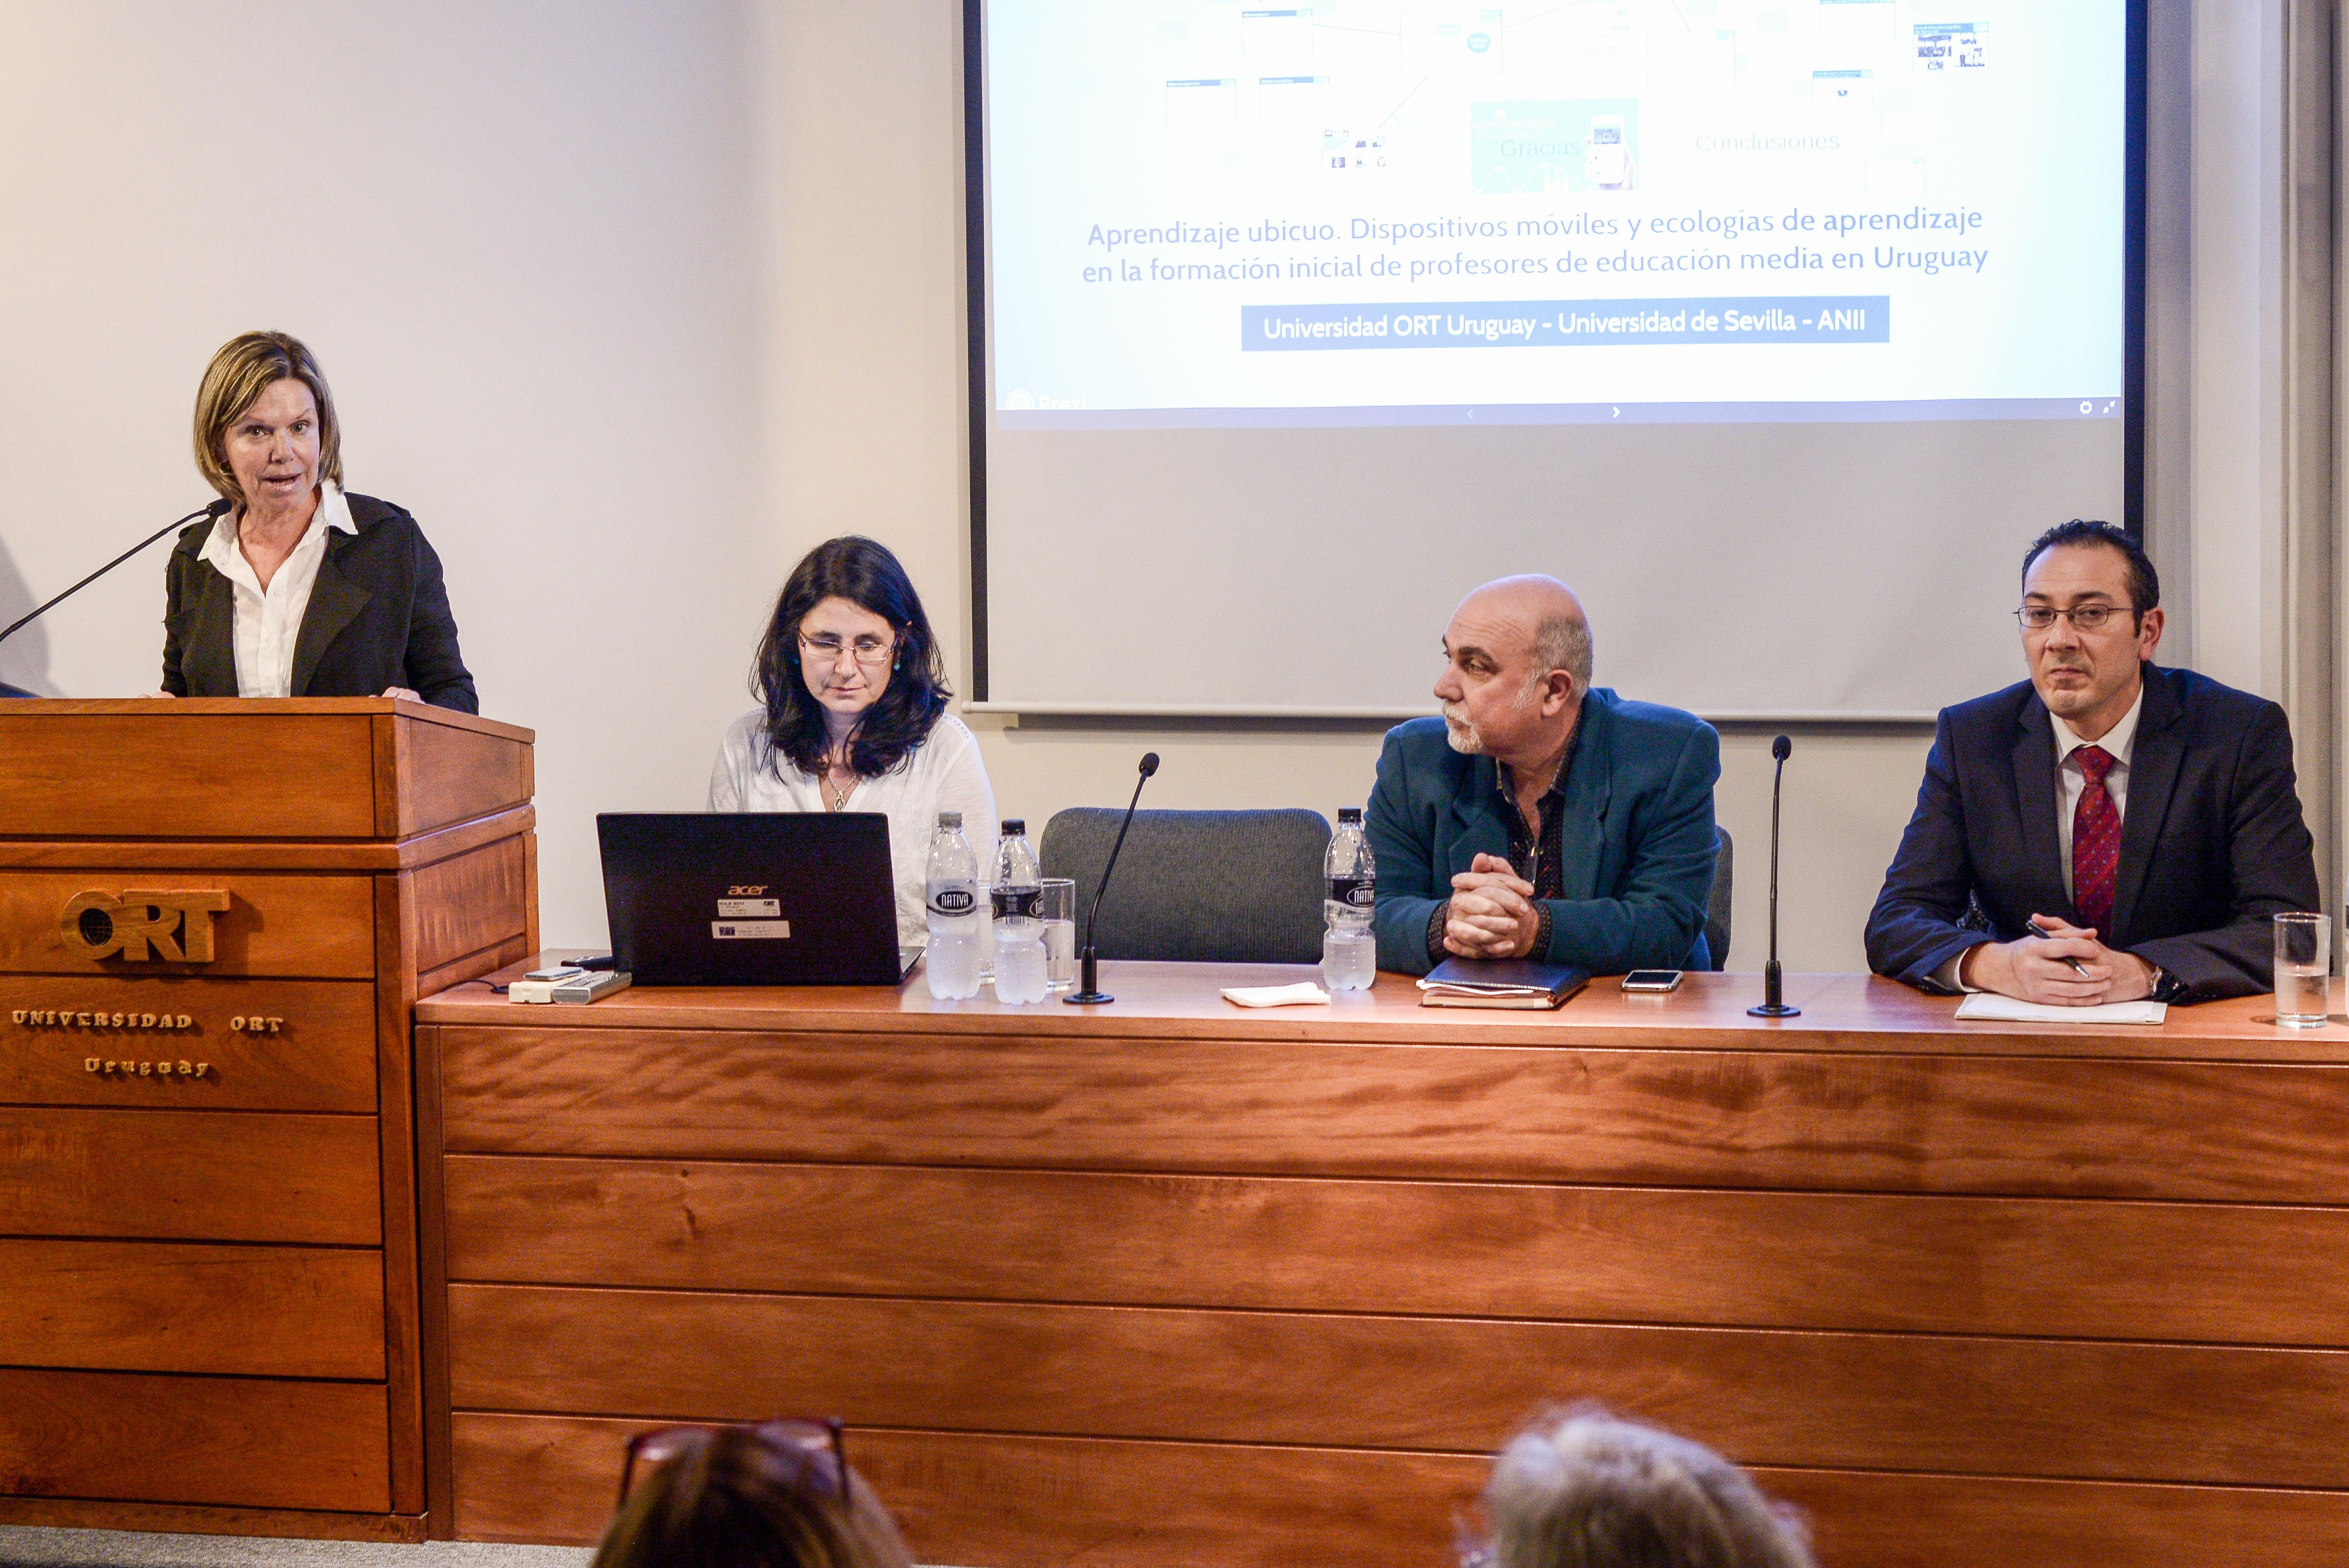 Presentación de resultados del proyecto Aprendizaje Ubicuo - Mayo 2018